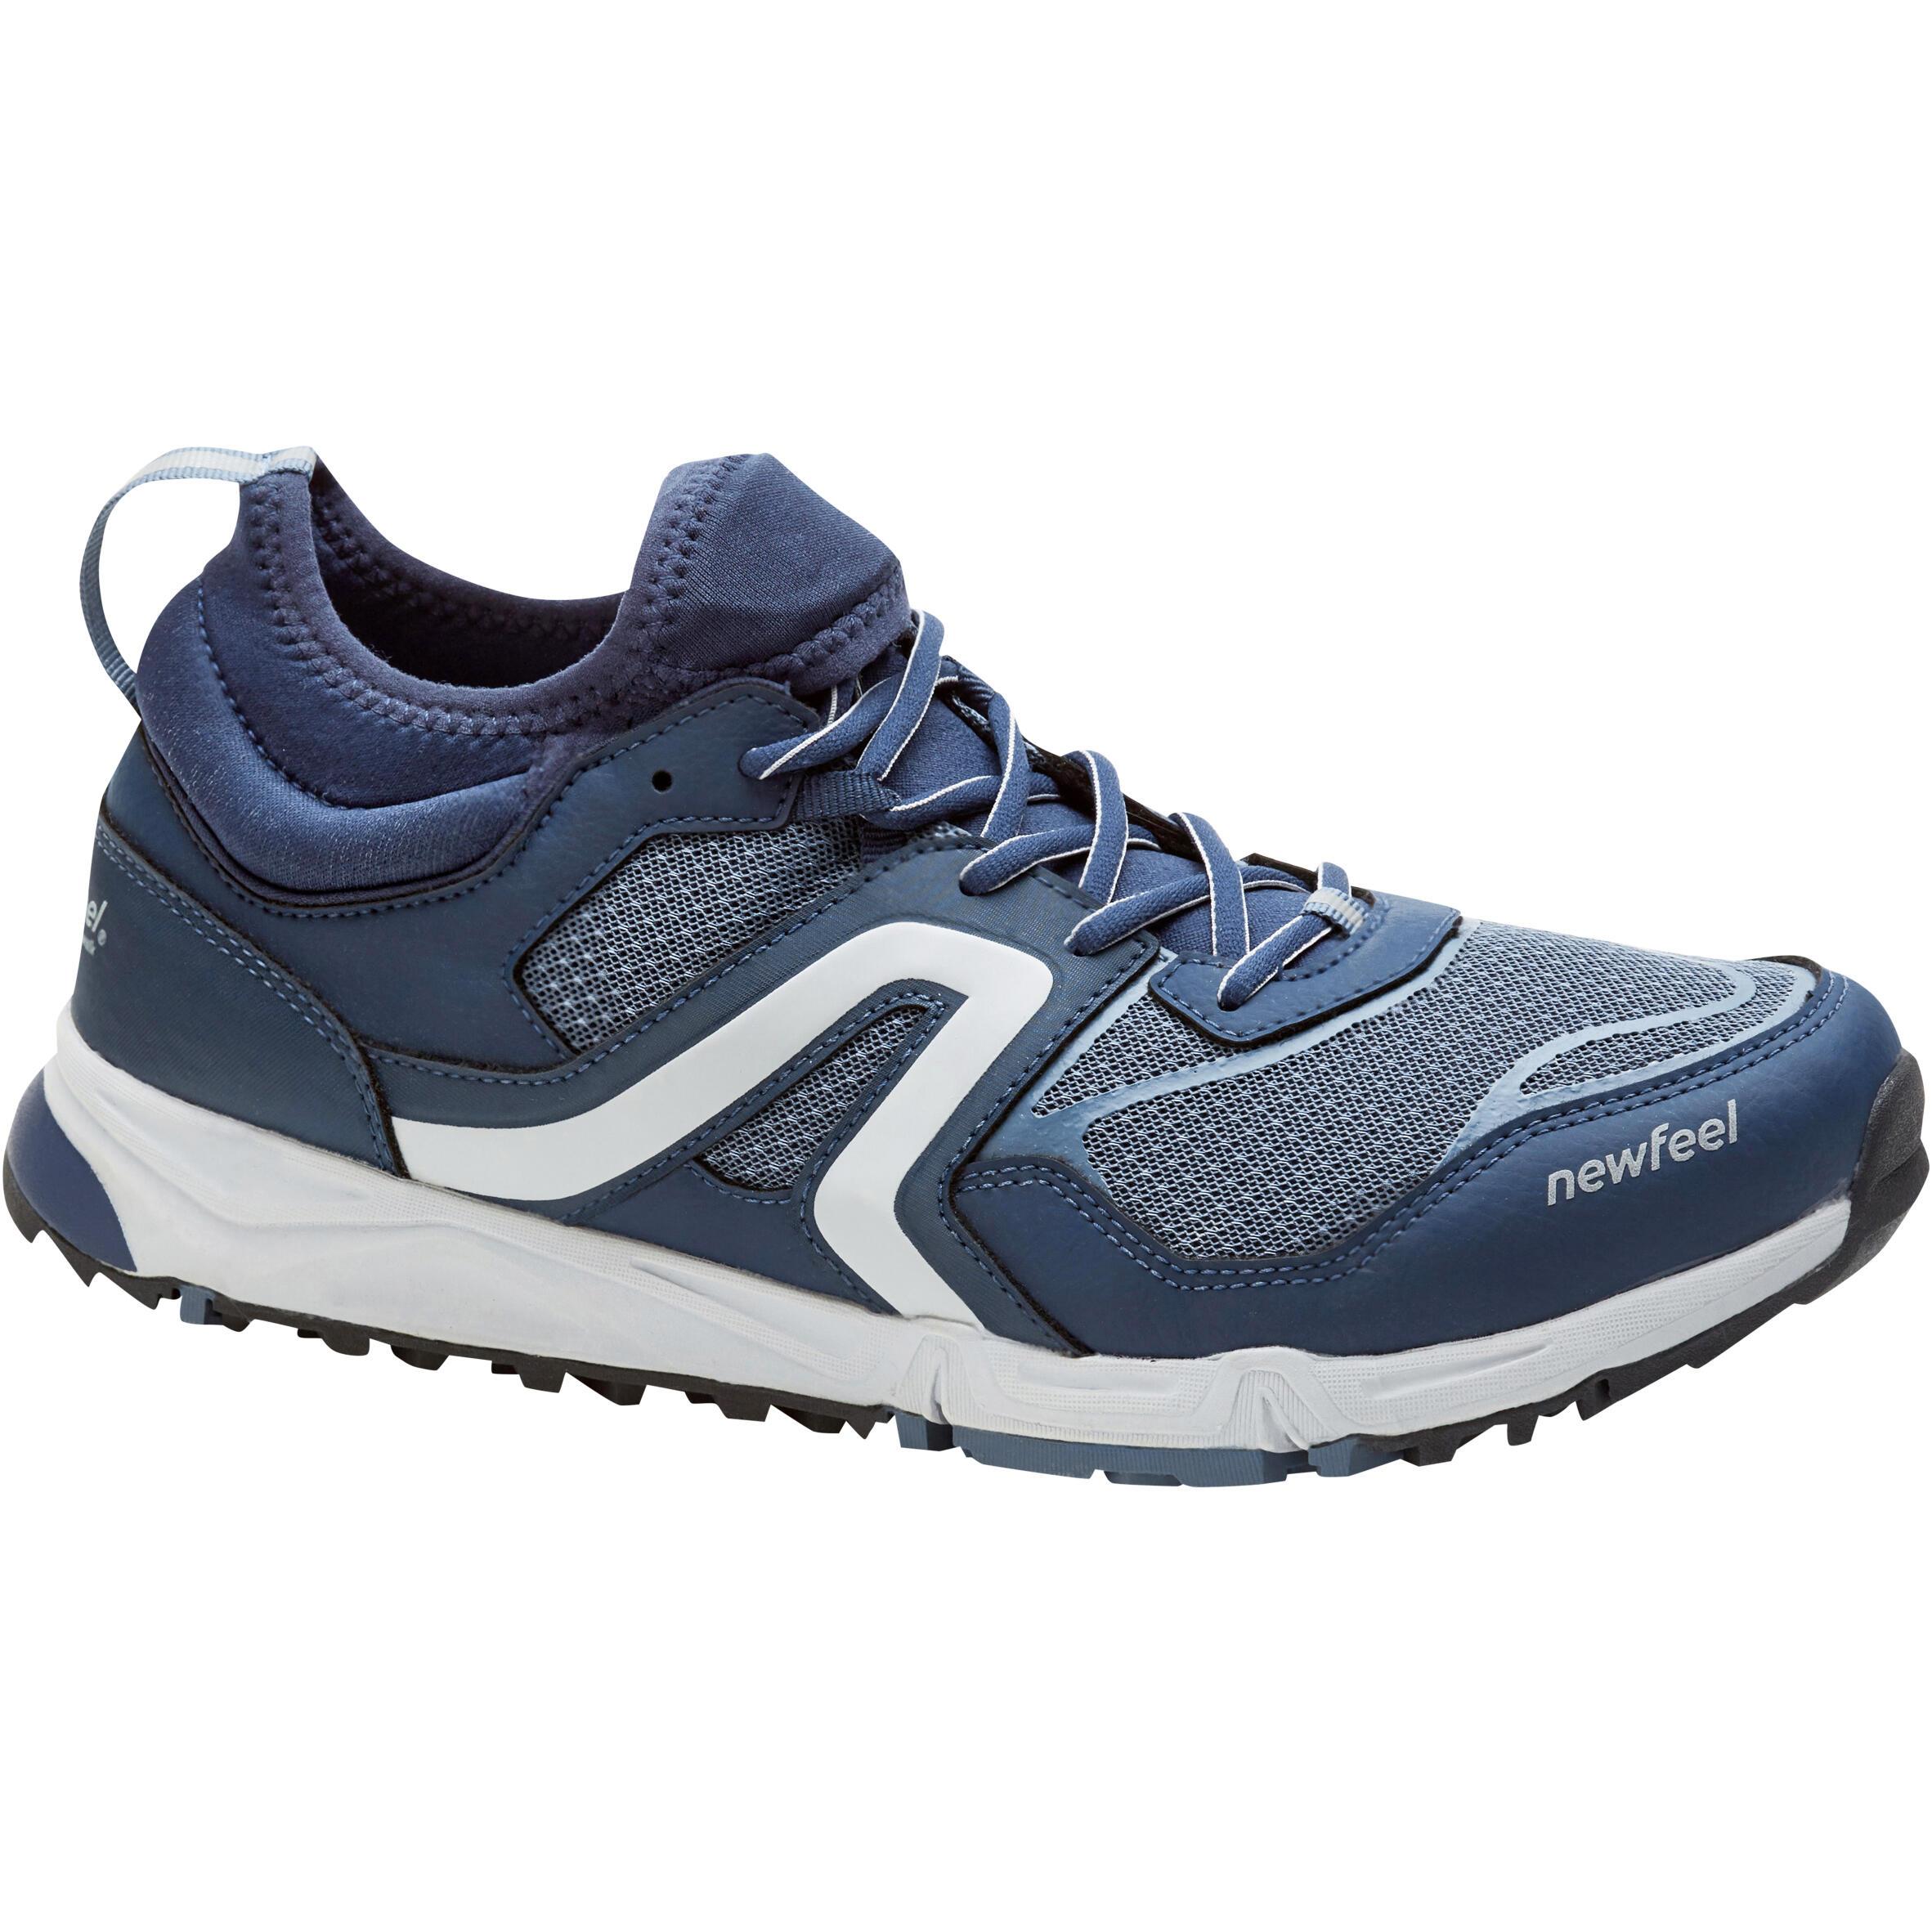 Newfeel Nordic walking schoenen voor heren NW 500 Flex-H marineblauw / grijs